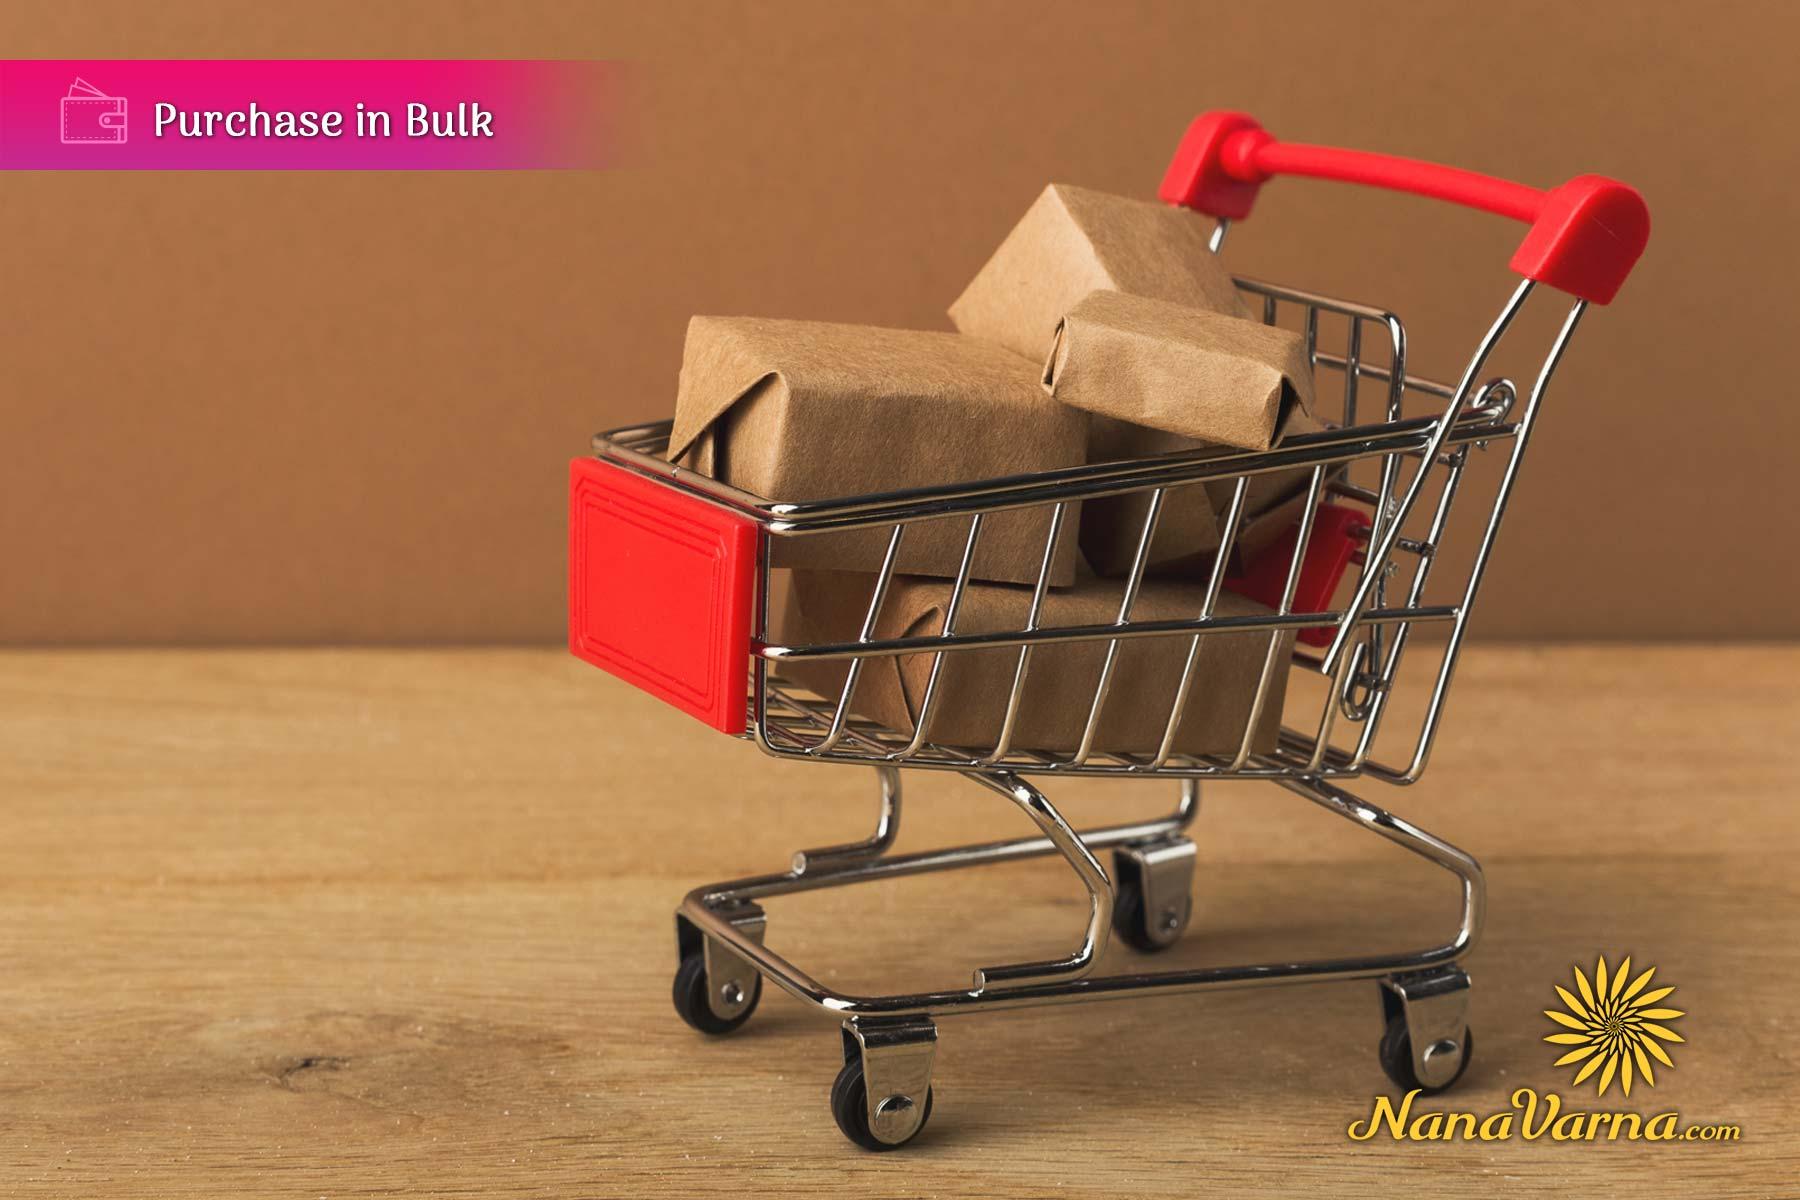 09 purchase bulk